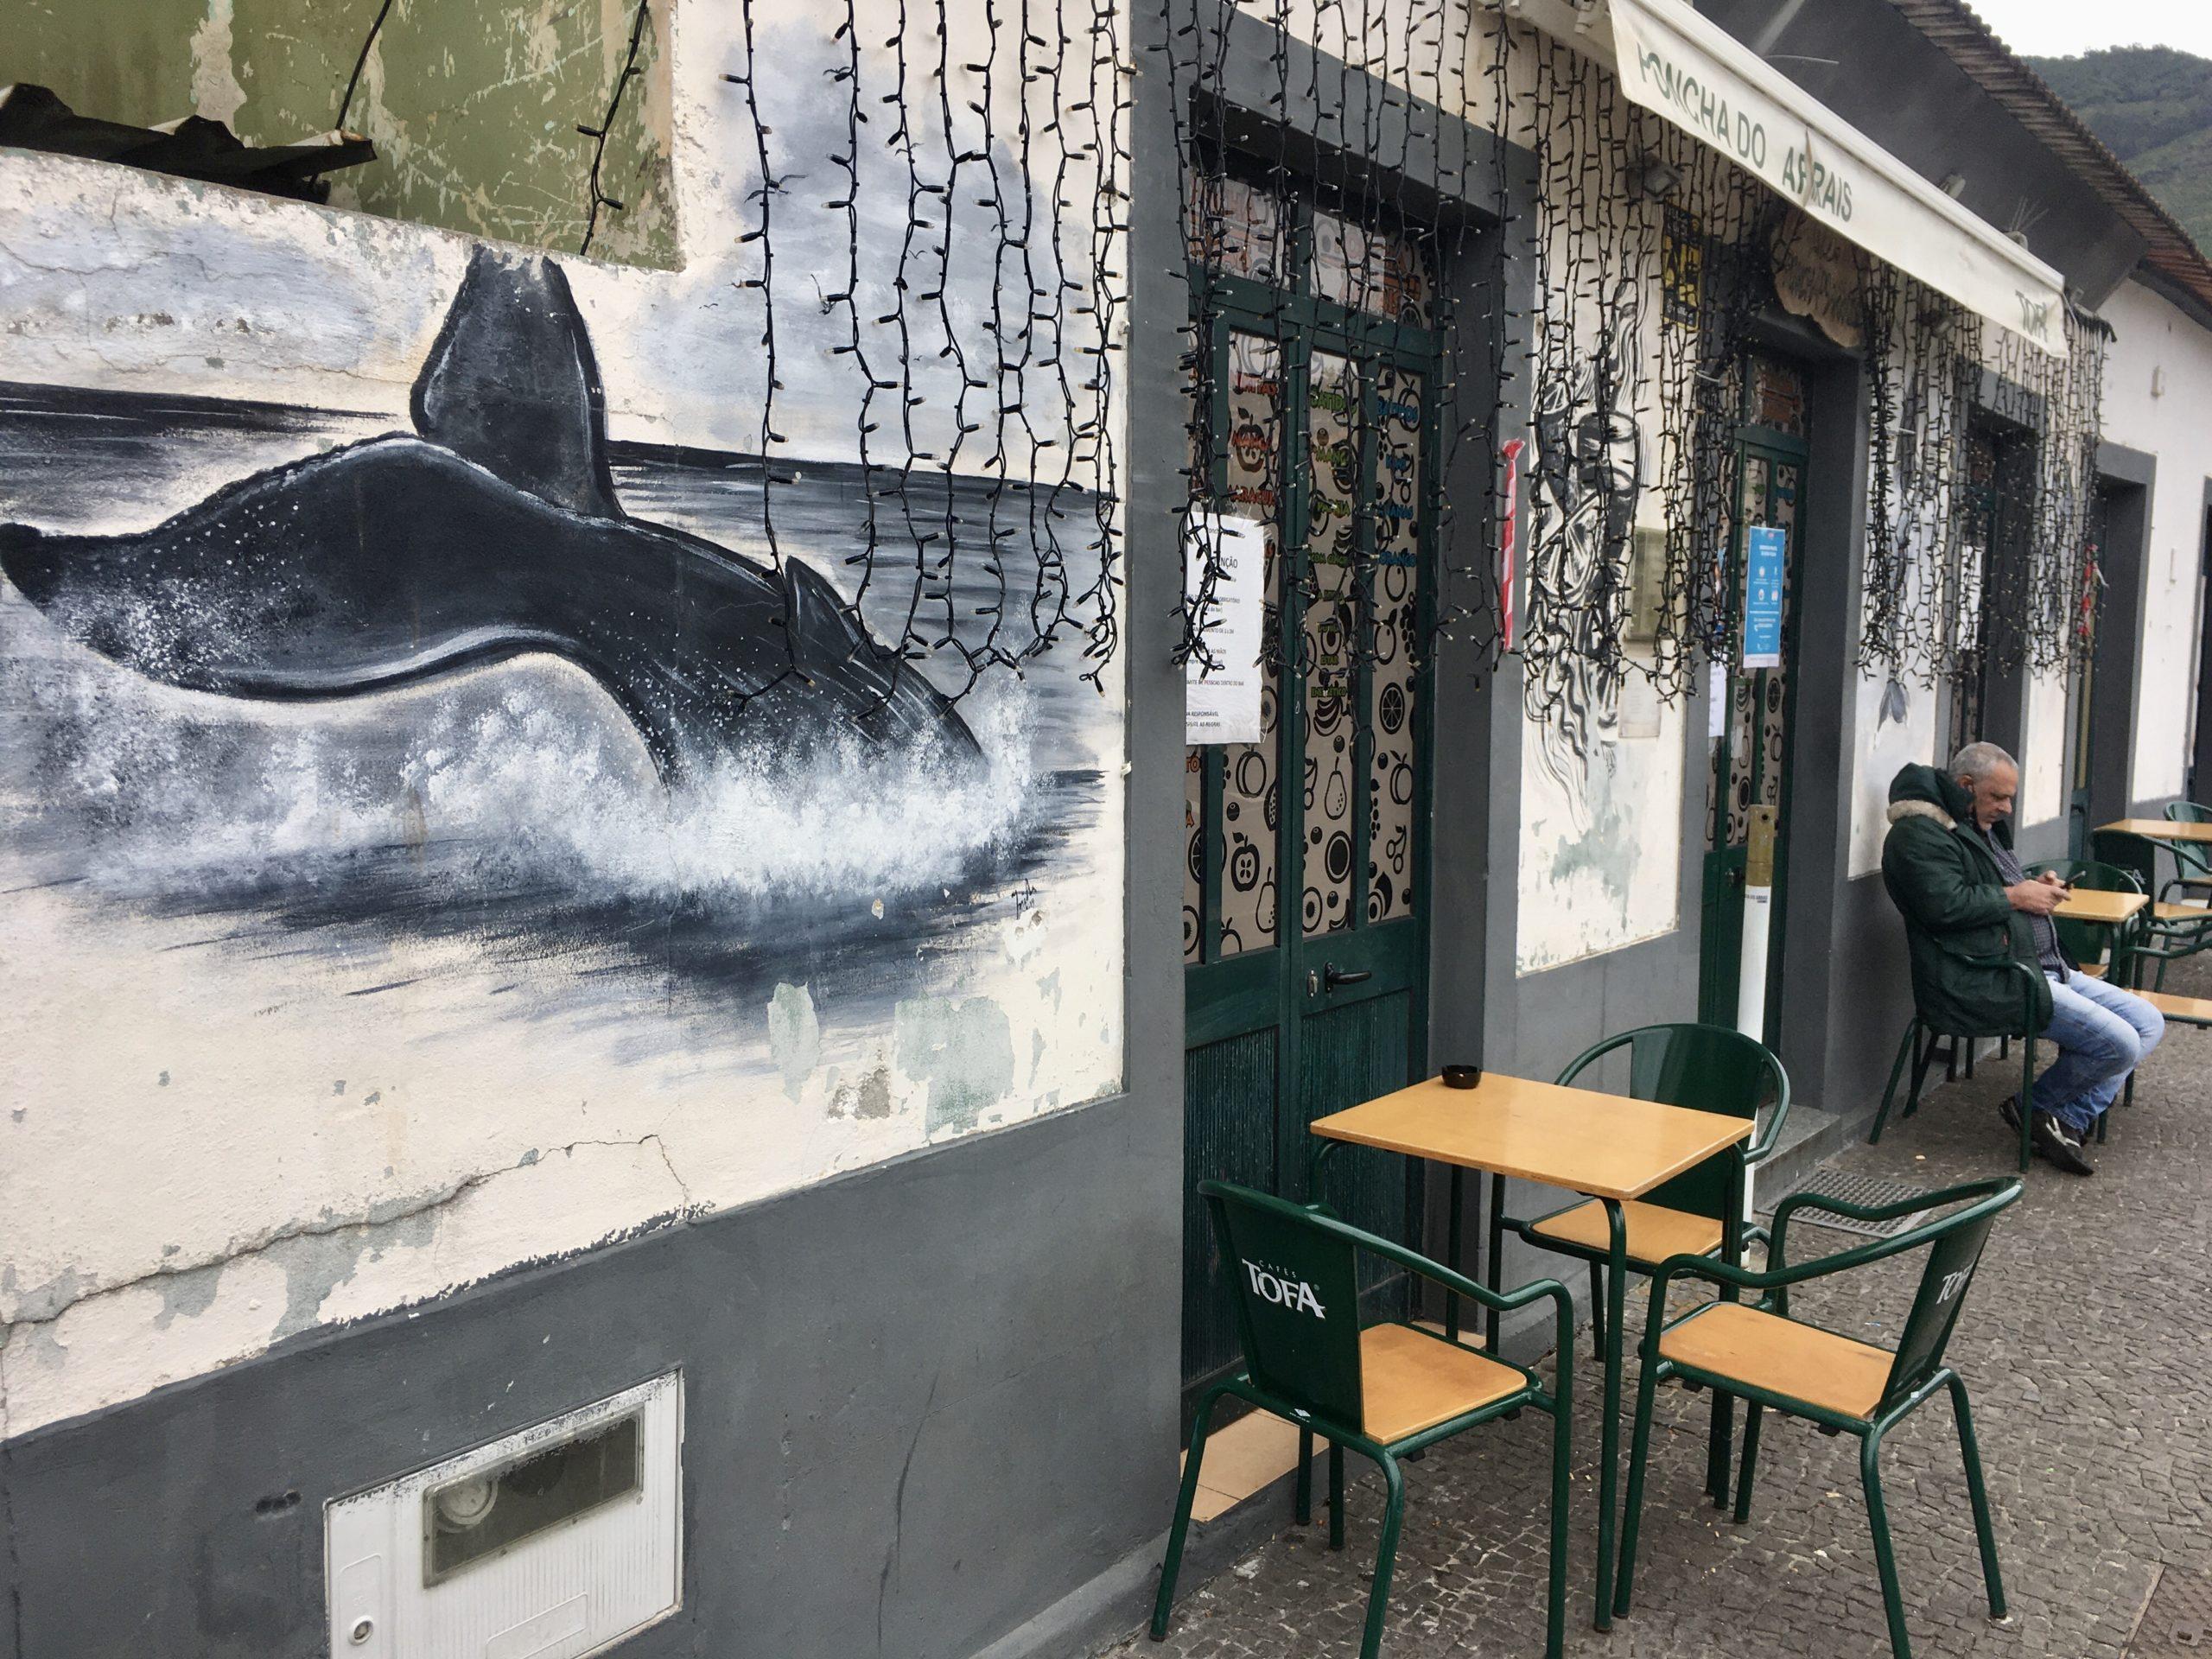 Canical kiedyś było centrum połowu wielorybów